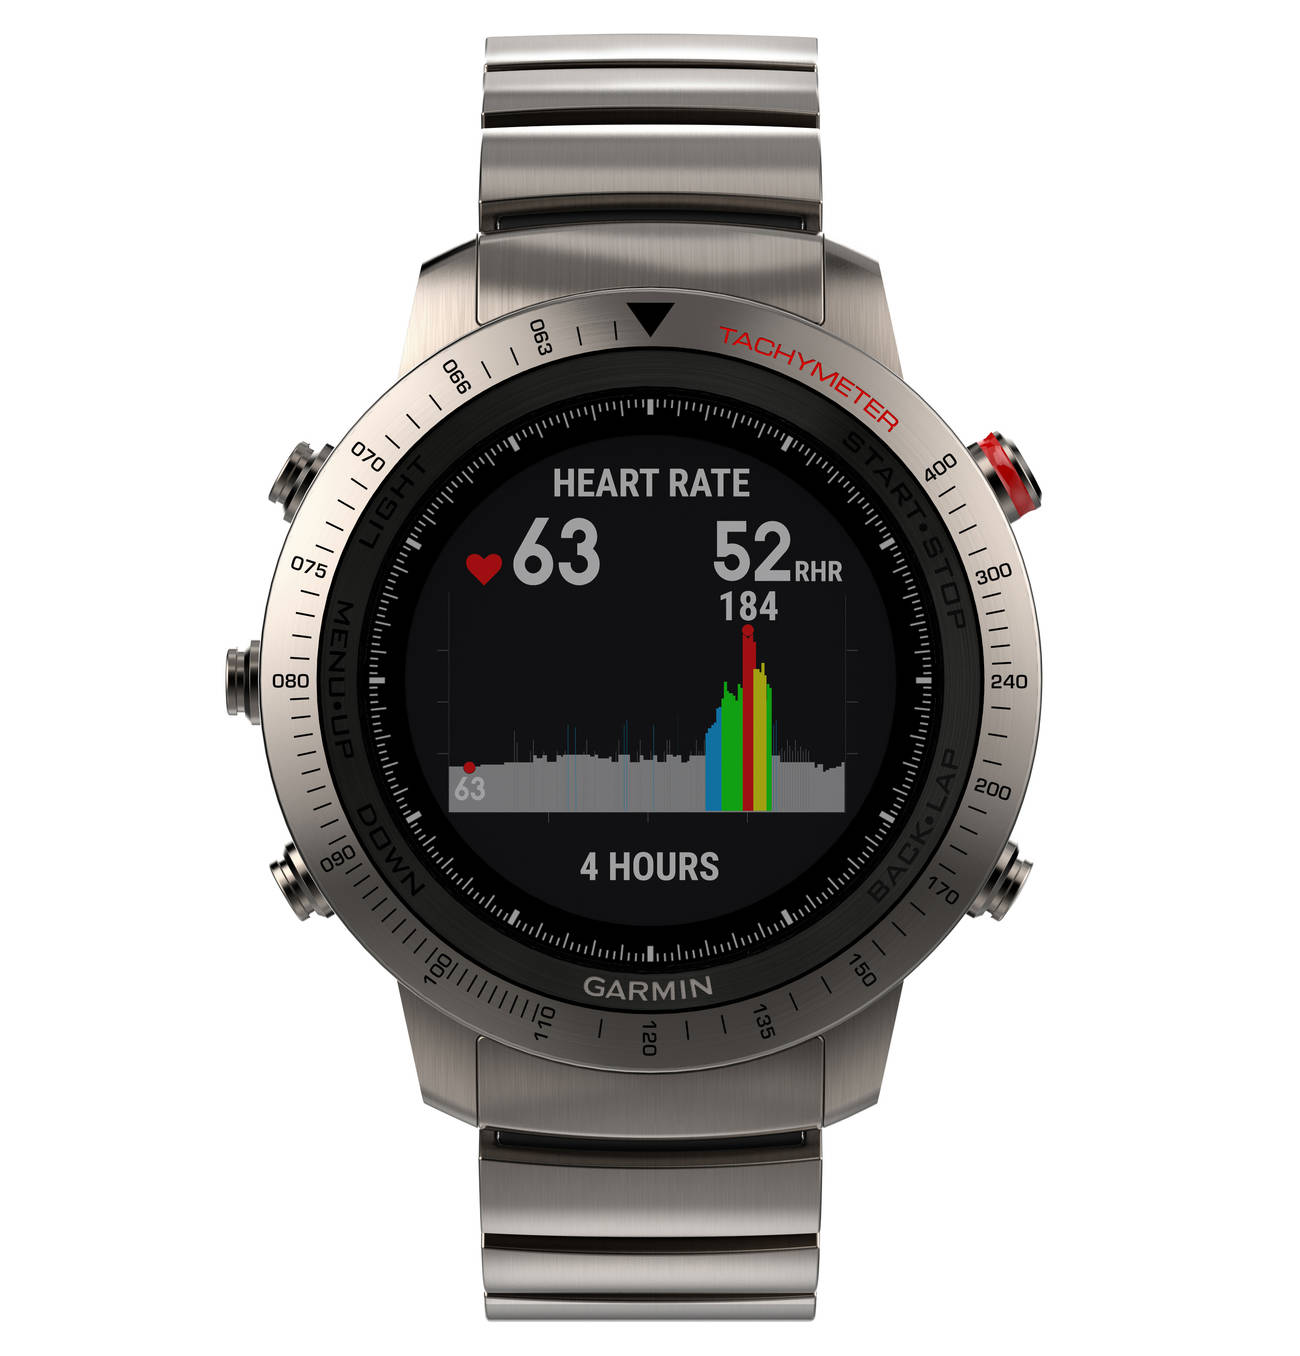 fēnix Chronos Smartwatch 0100195701, Titan Uhren